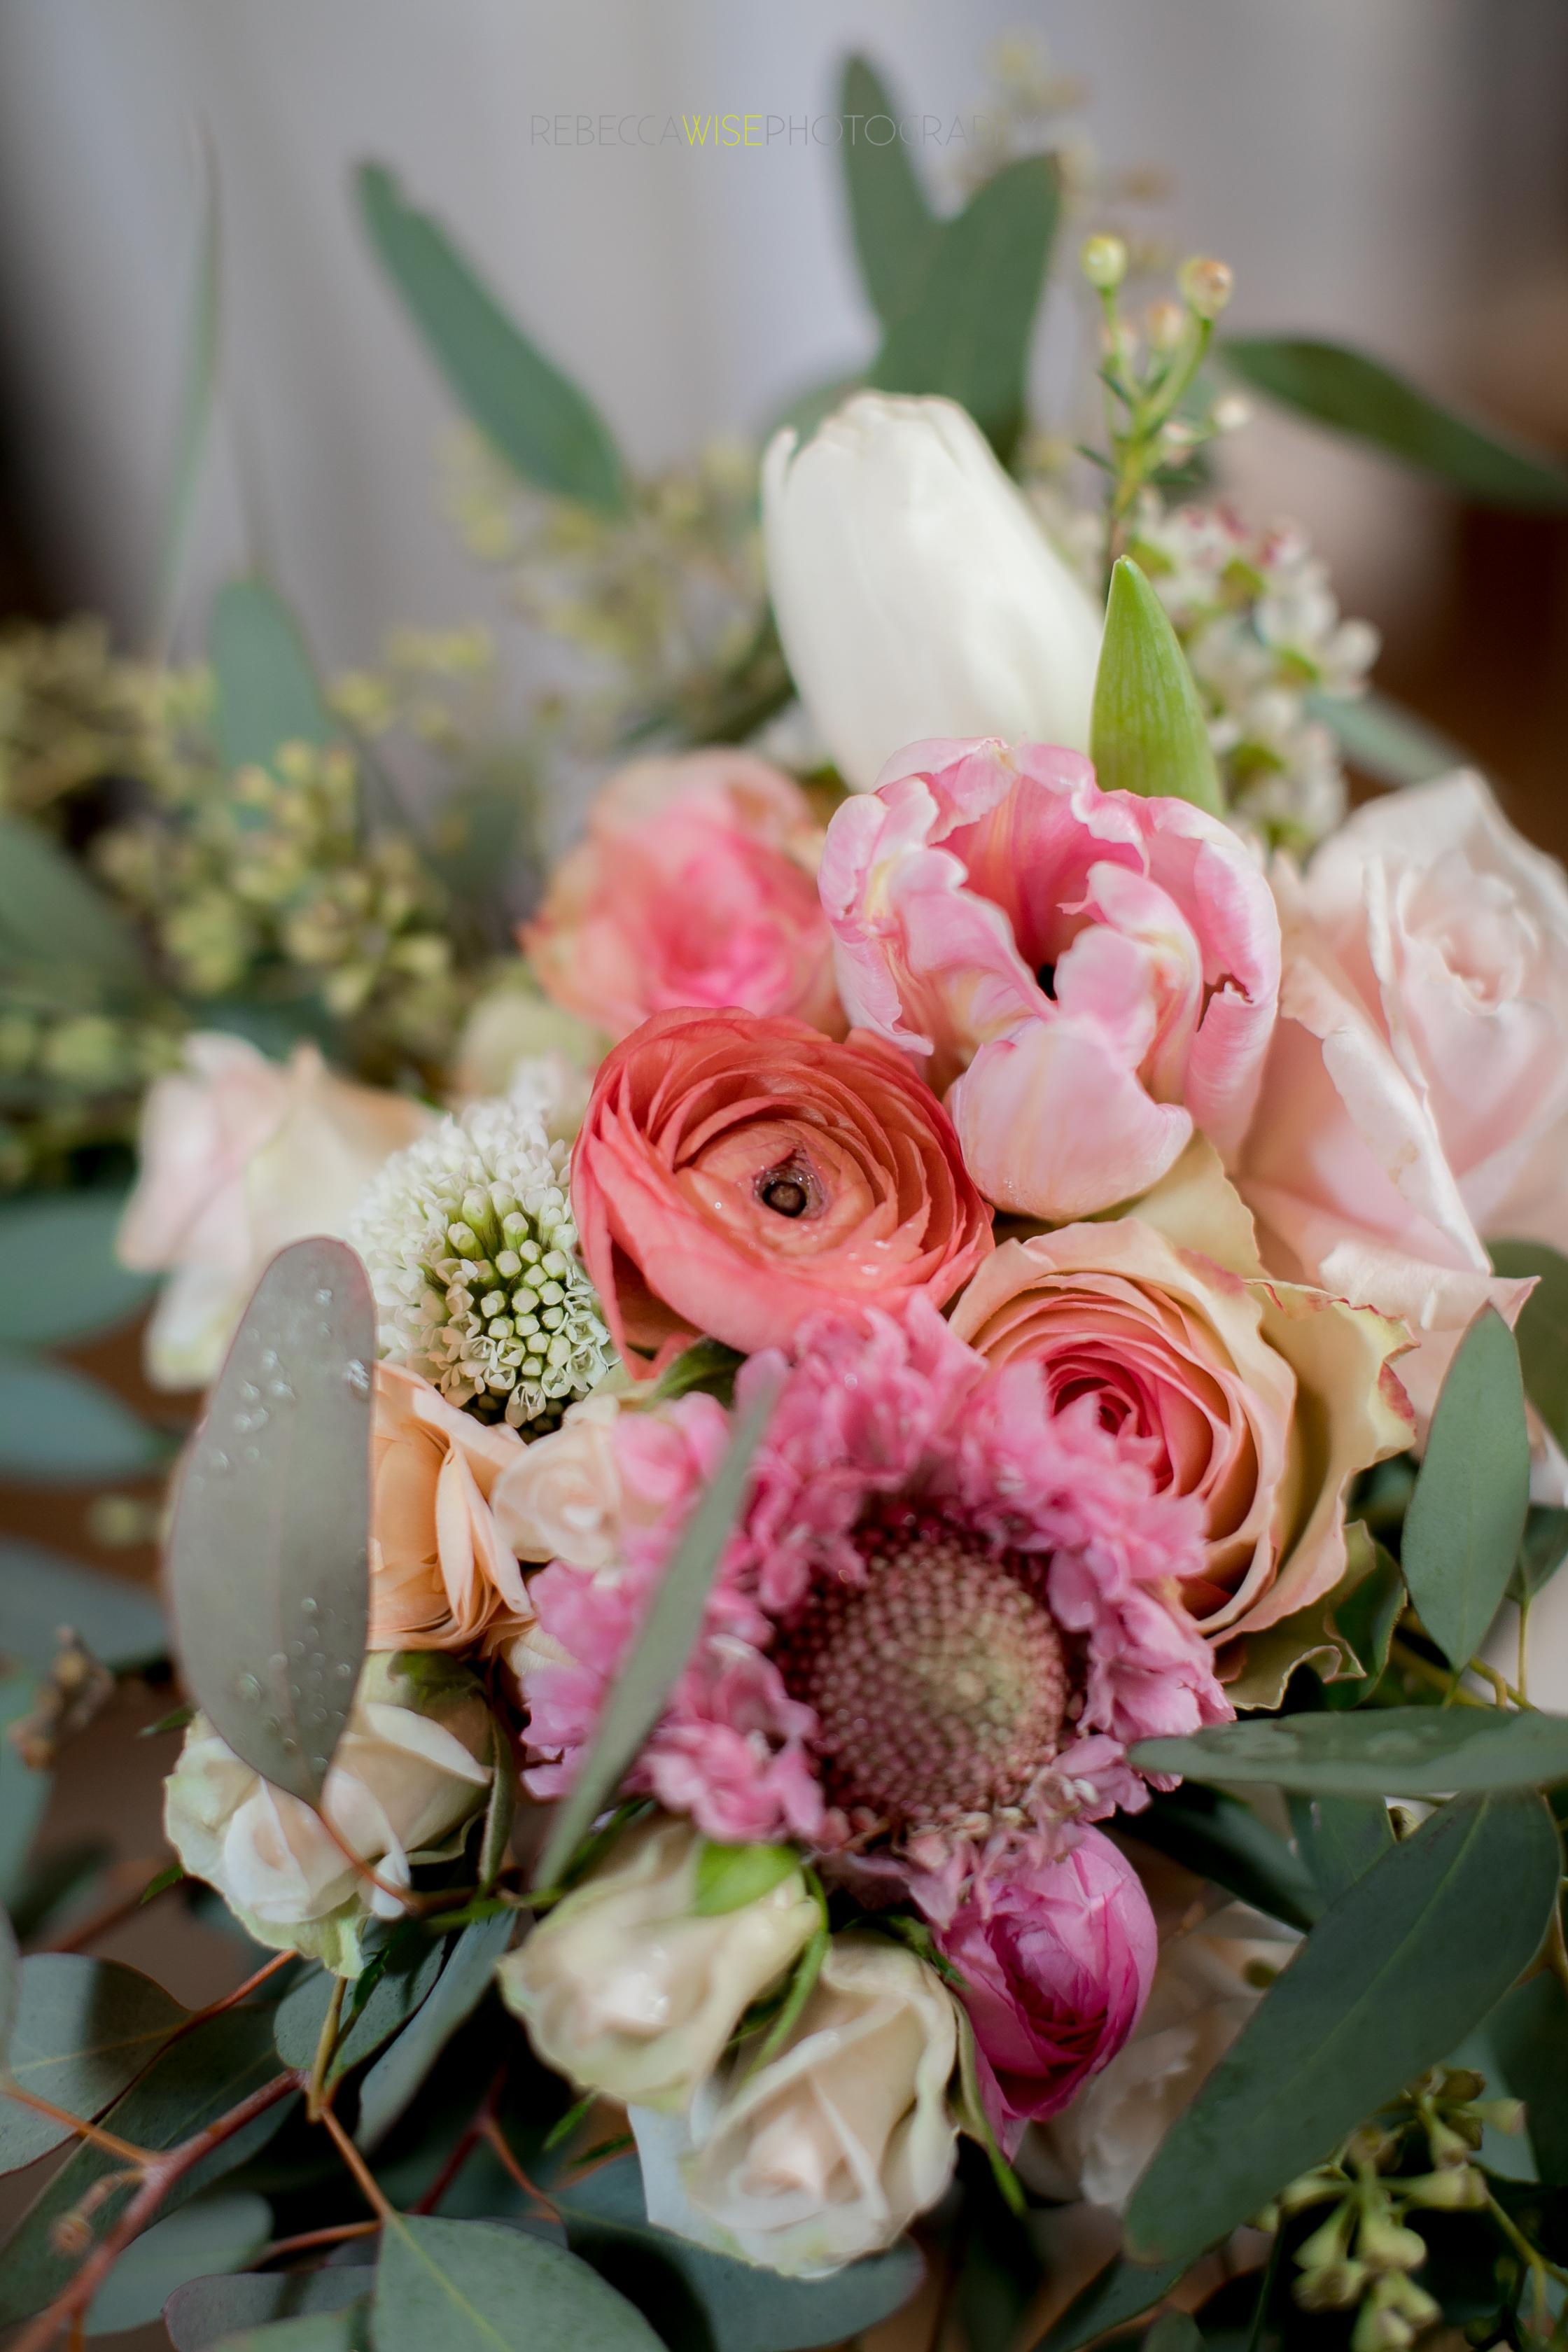 flowers (7 of 8).jpg